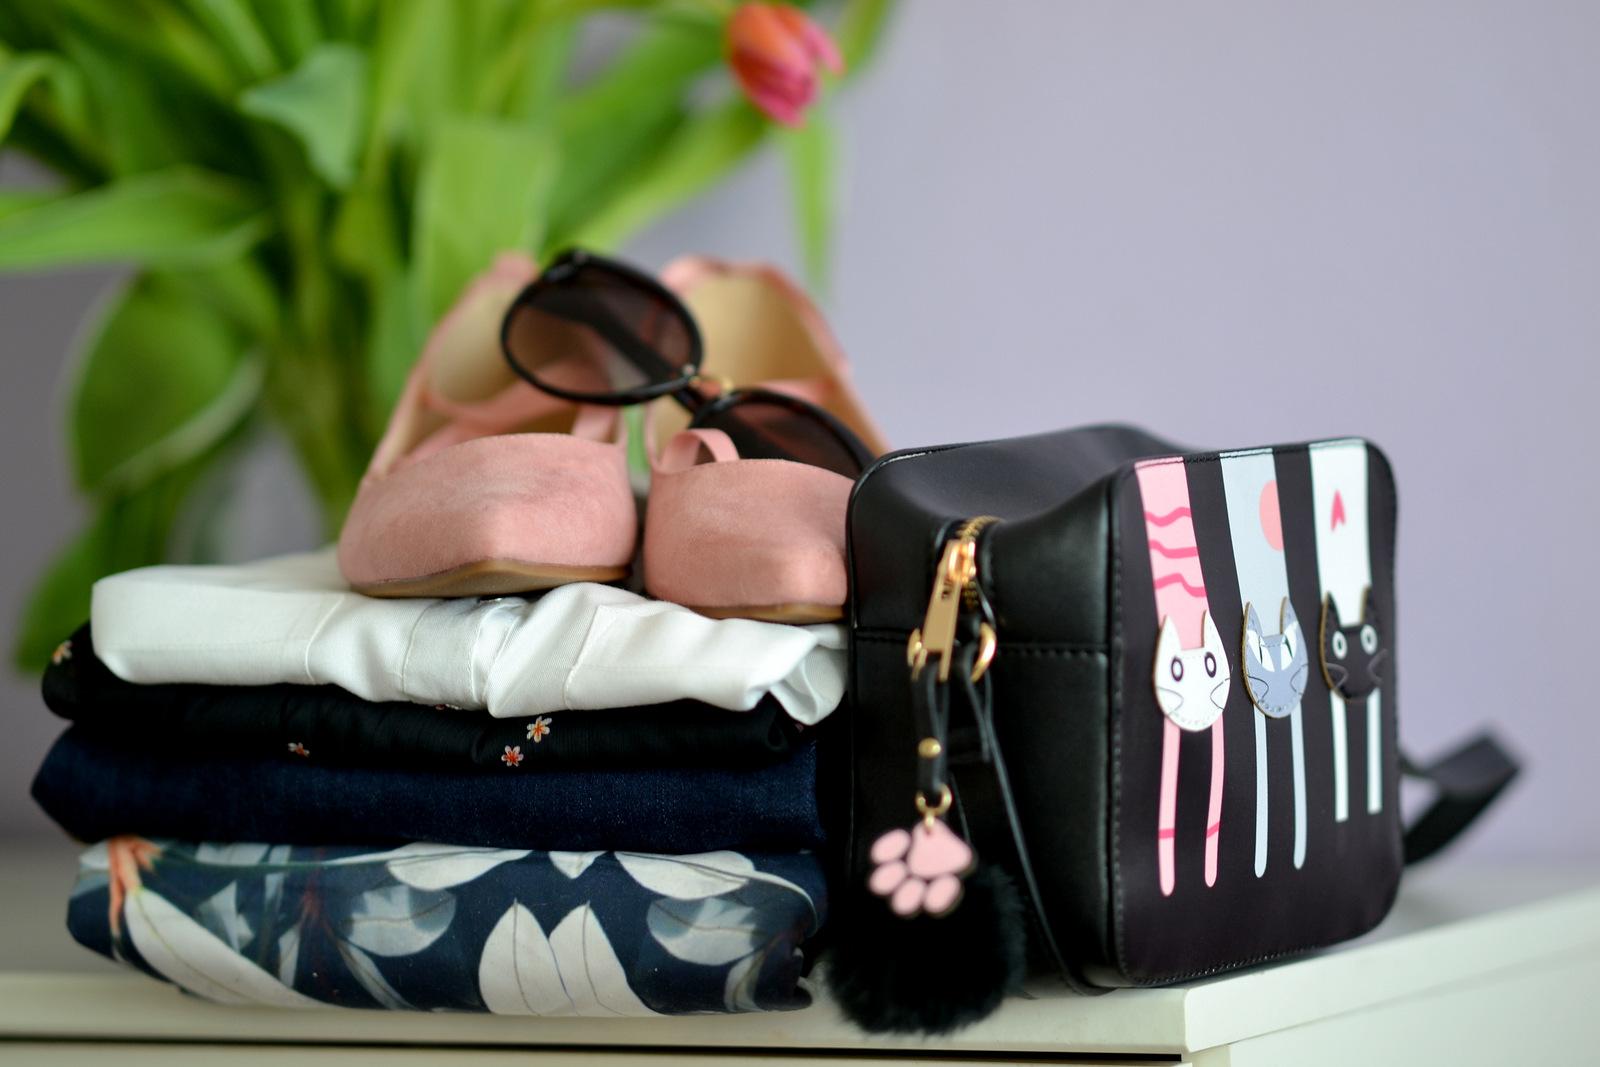 ee5f9c62ed09 Zdá sa mi to ako keby som článok o novinkách za február písala len včera  )  V marci mi pribudlo množstvo oblečenia